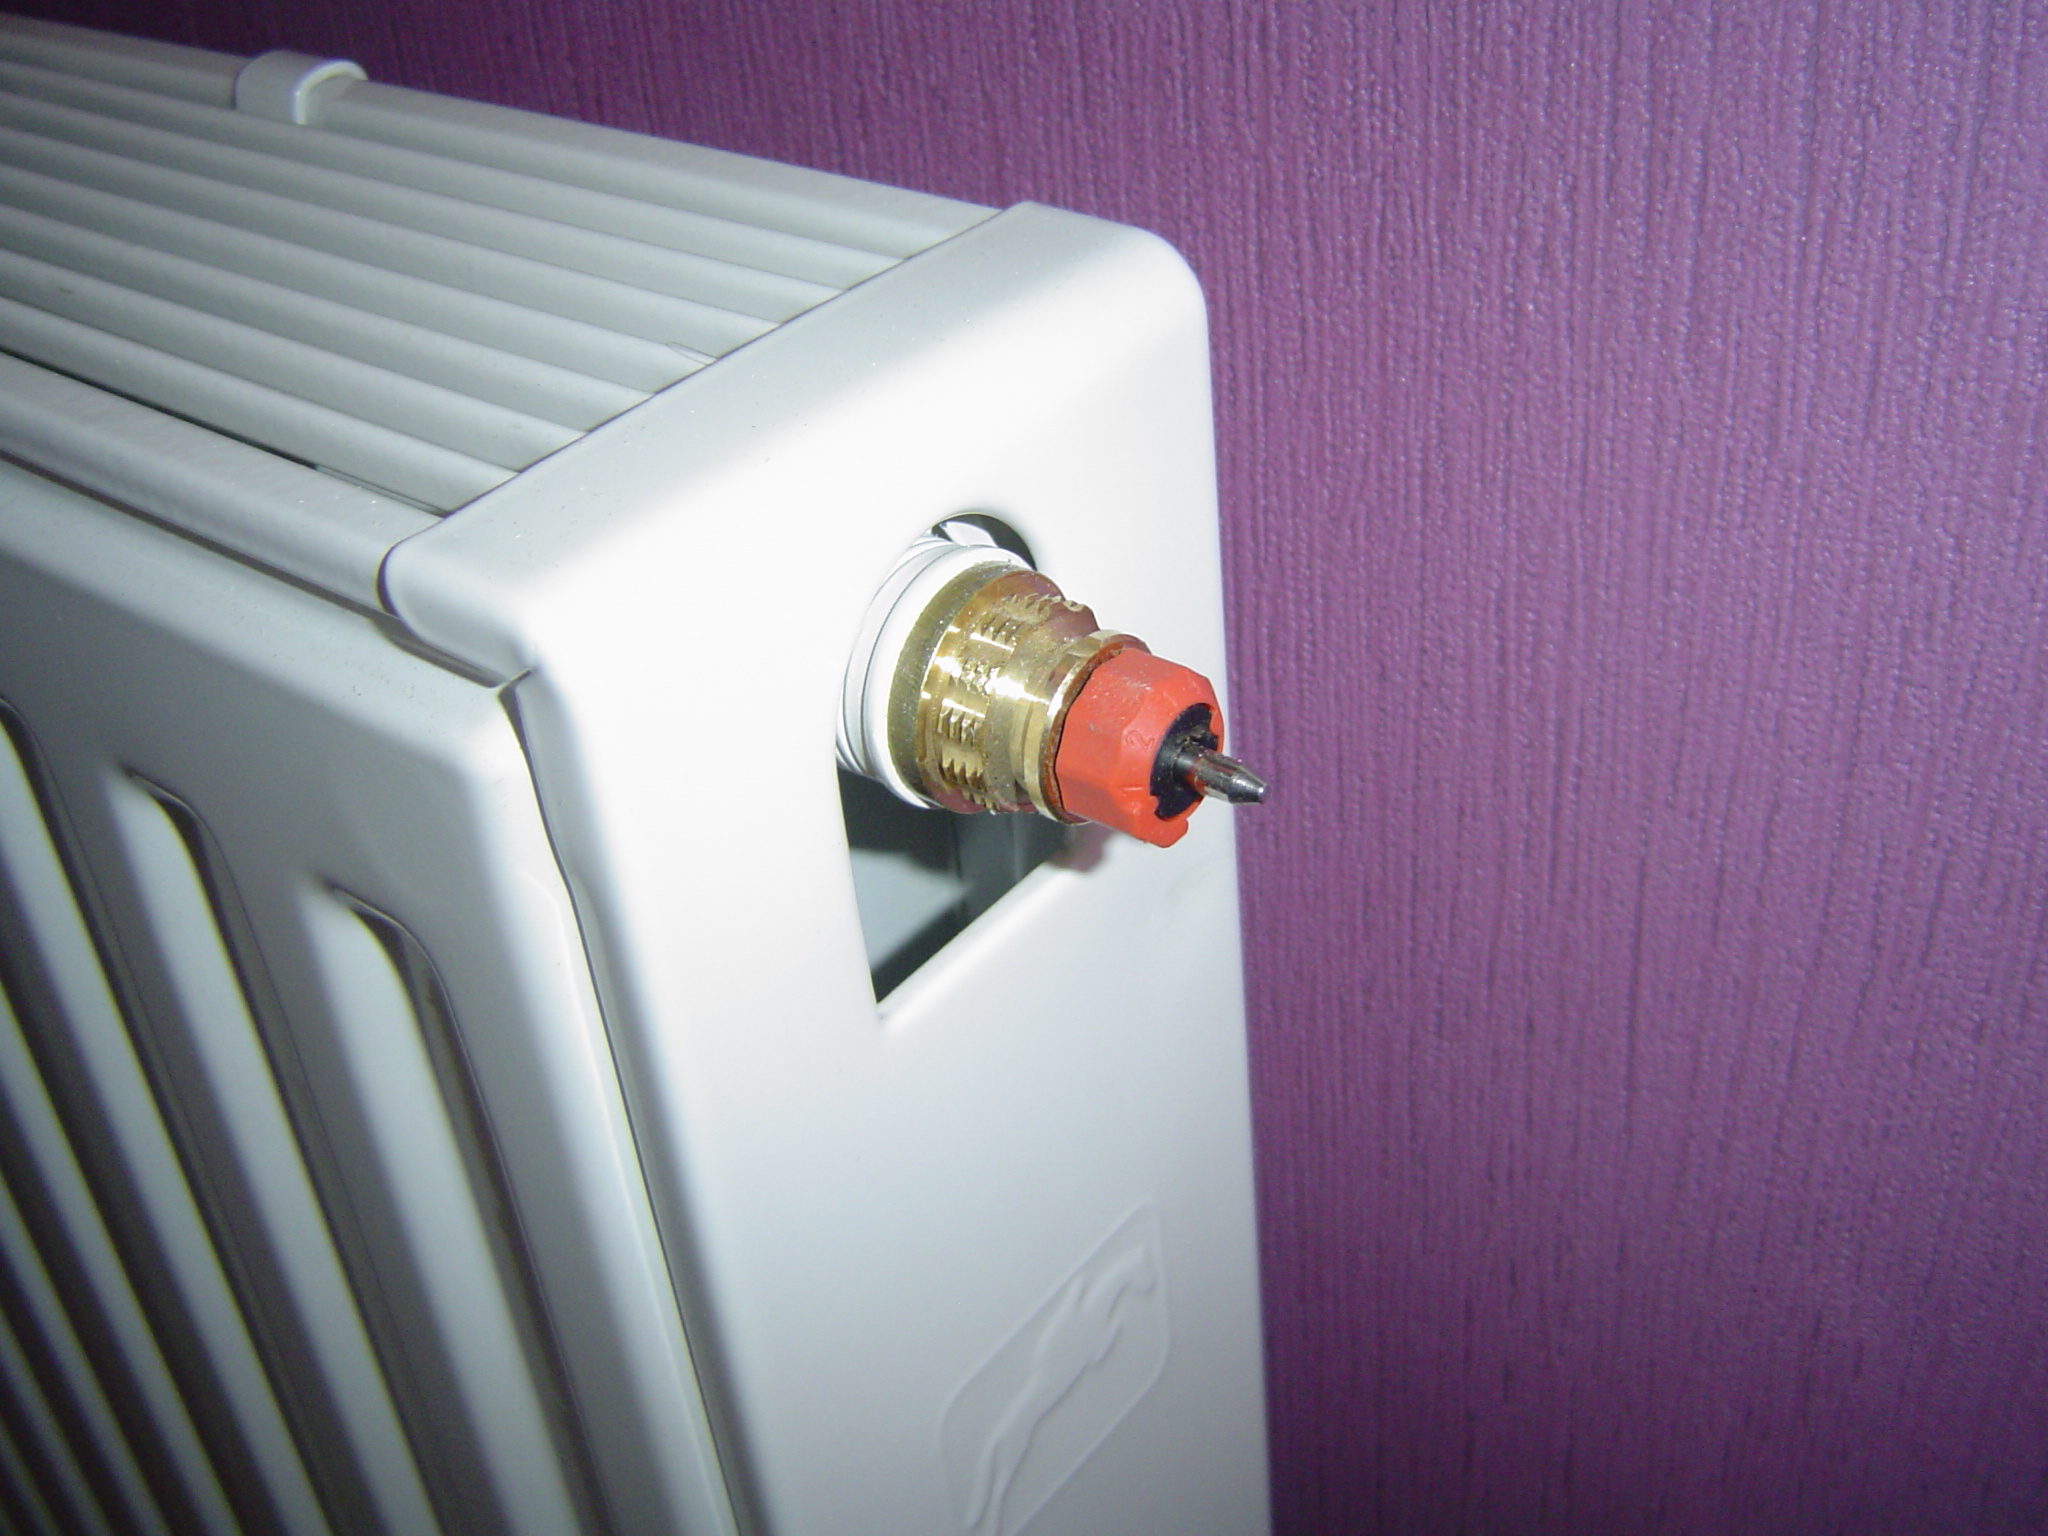 probl me avec un chauffage 1 tuyau chaud et l 39 autre reste. Black Bedroom Furniture Sets. Home Design Ideas